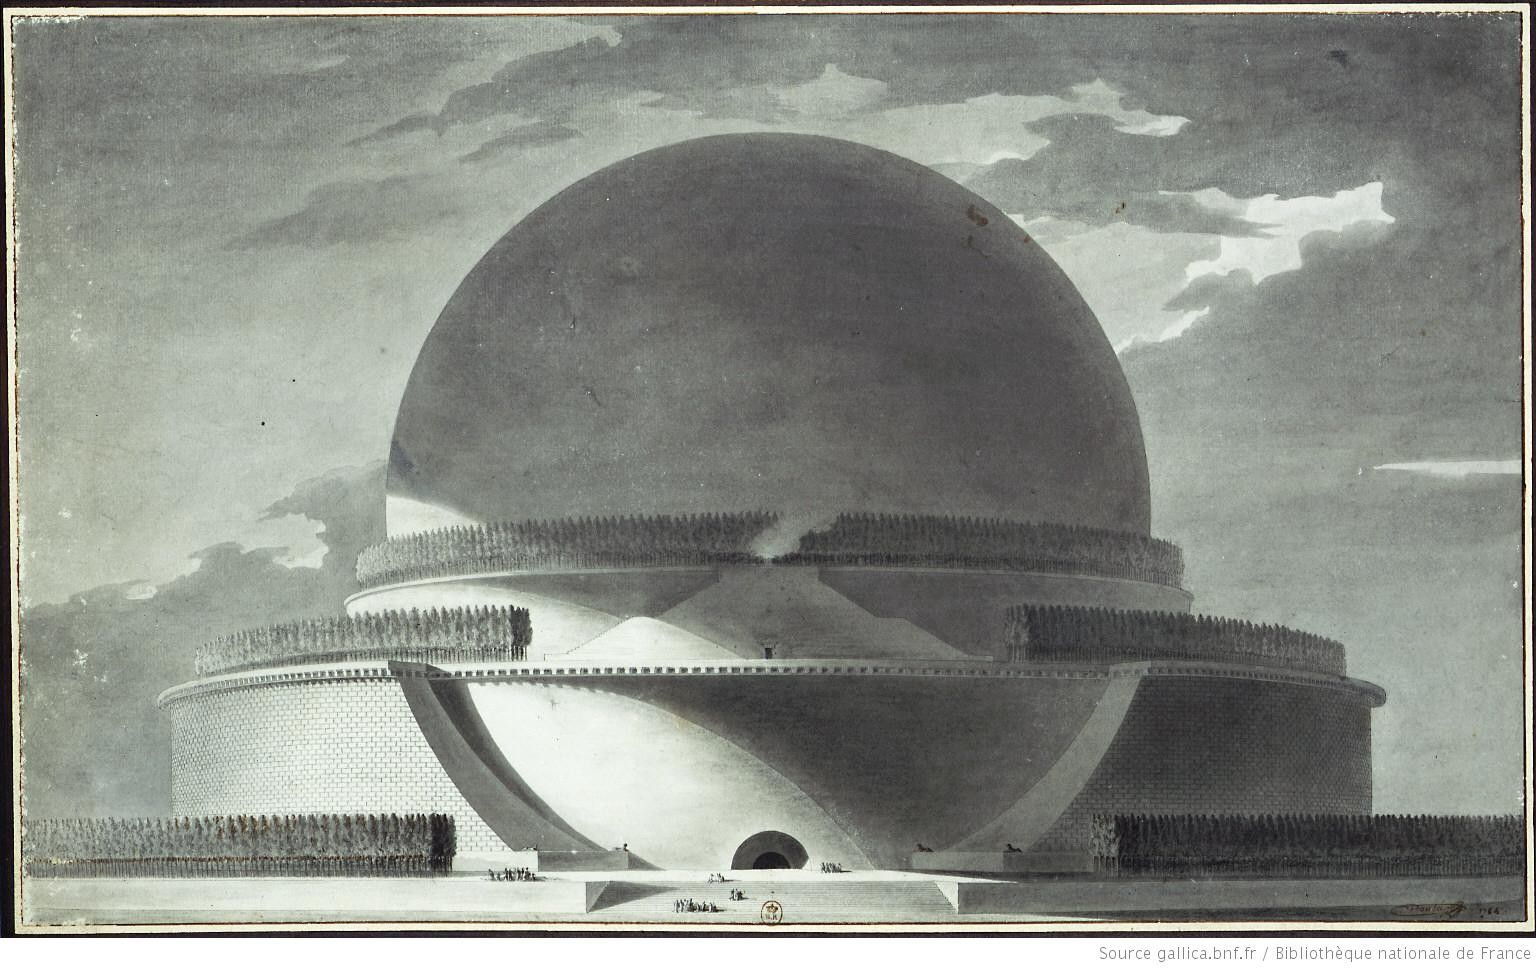 AD Classics: Cenotaph for Newton / Etienne-Louis Boullée, Exterior view